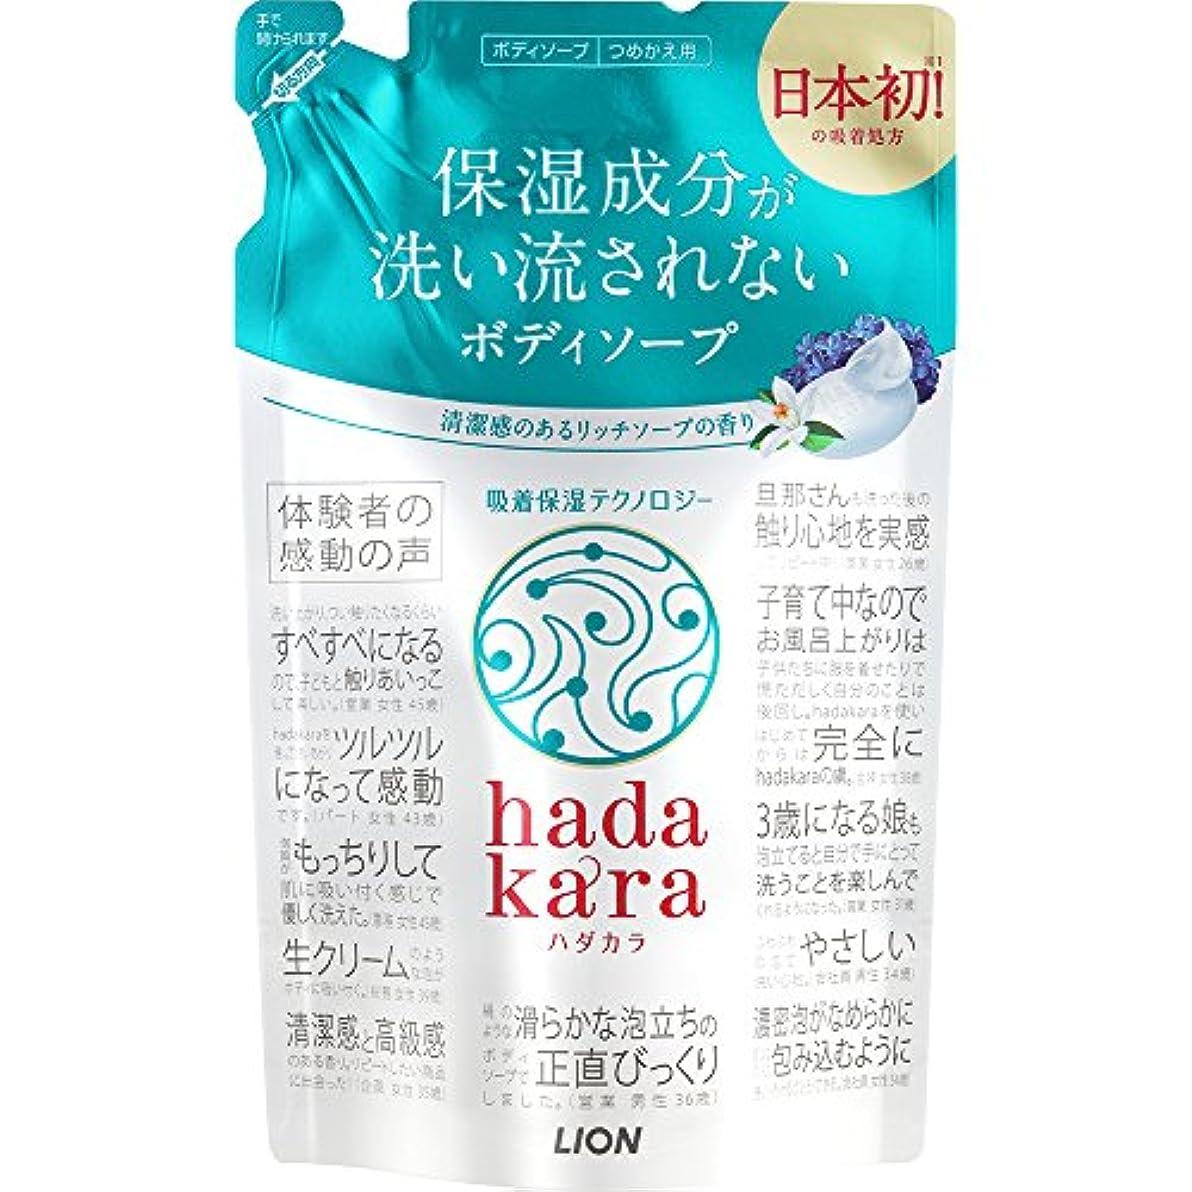 ご予約汚染するレプリカhadakara(ハダカラ) ボディソープ リッチソープの香り 詰め替え 360ml